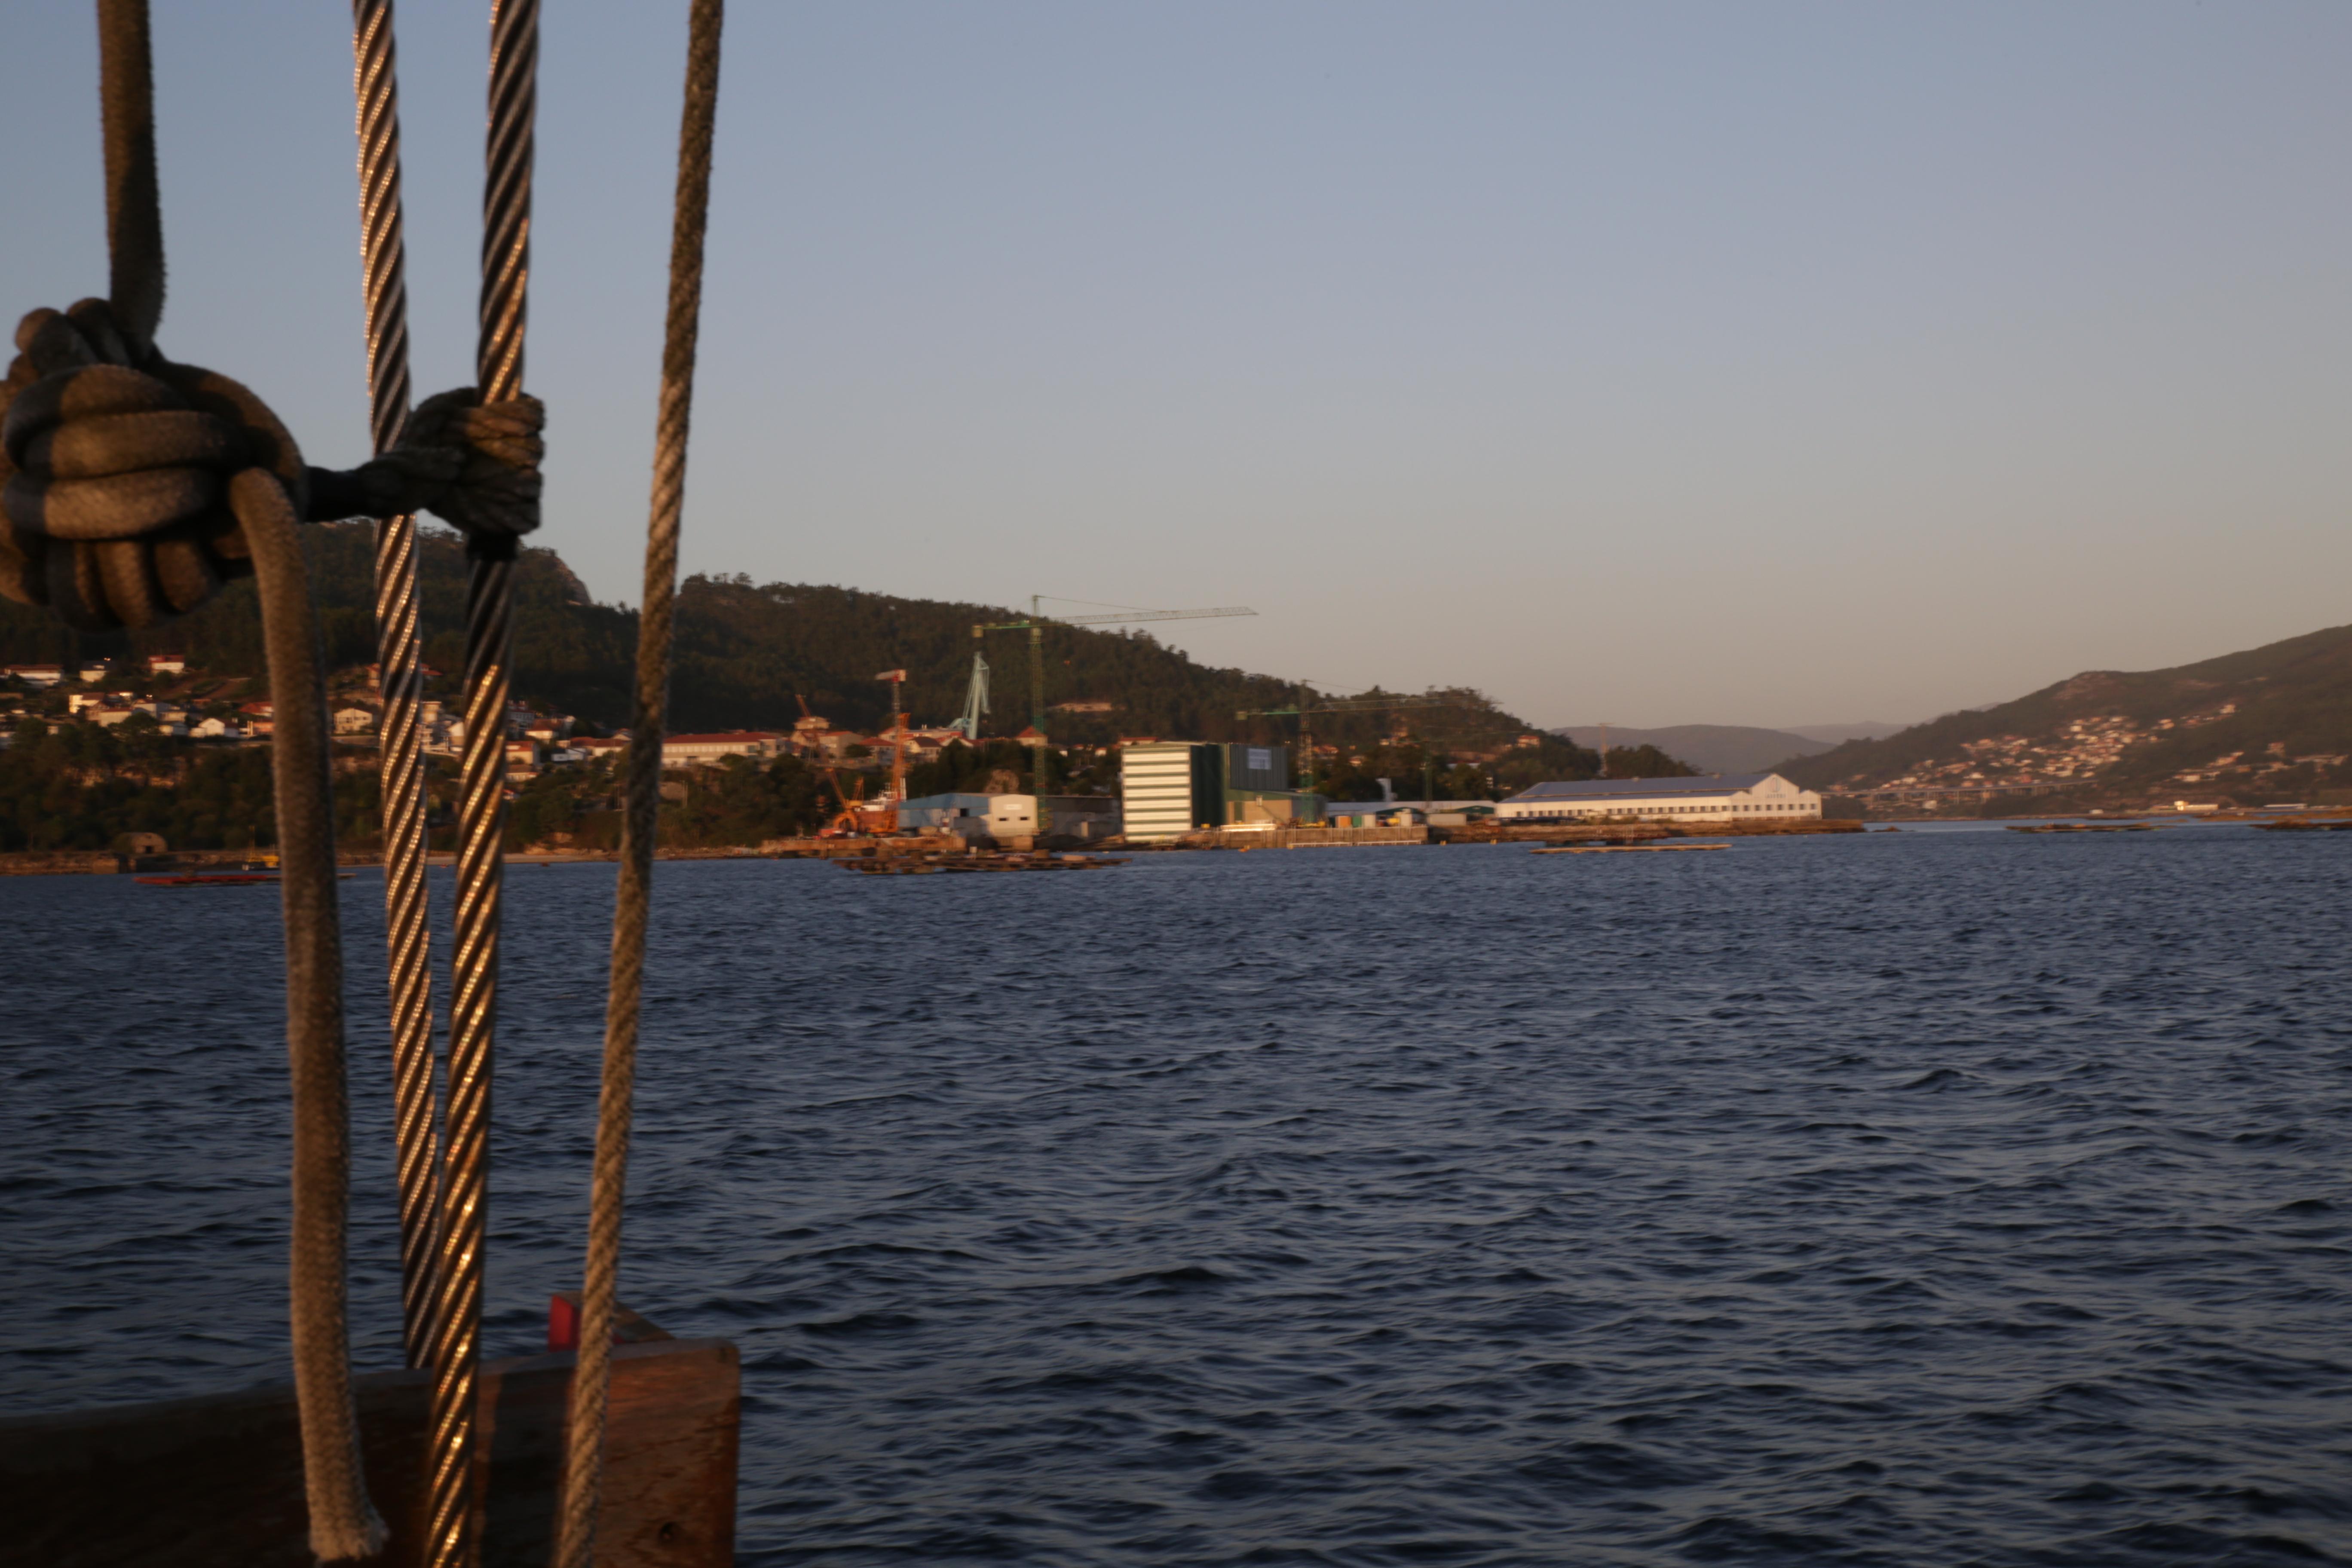 Patrimonio industrial en Moaña